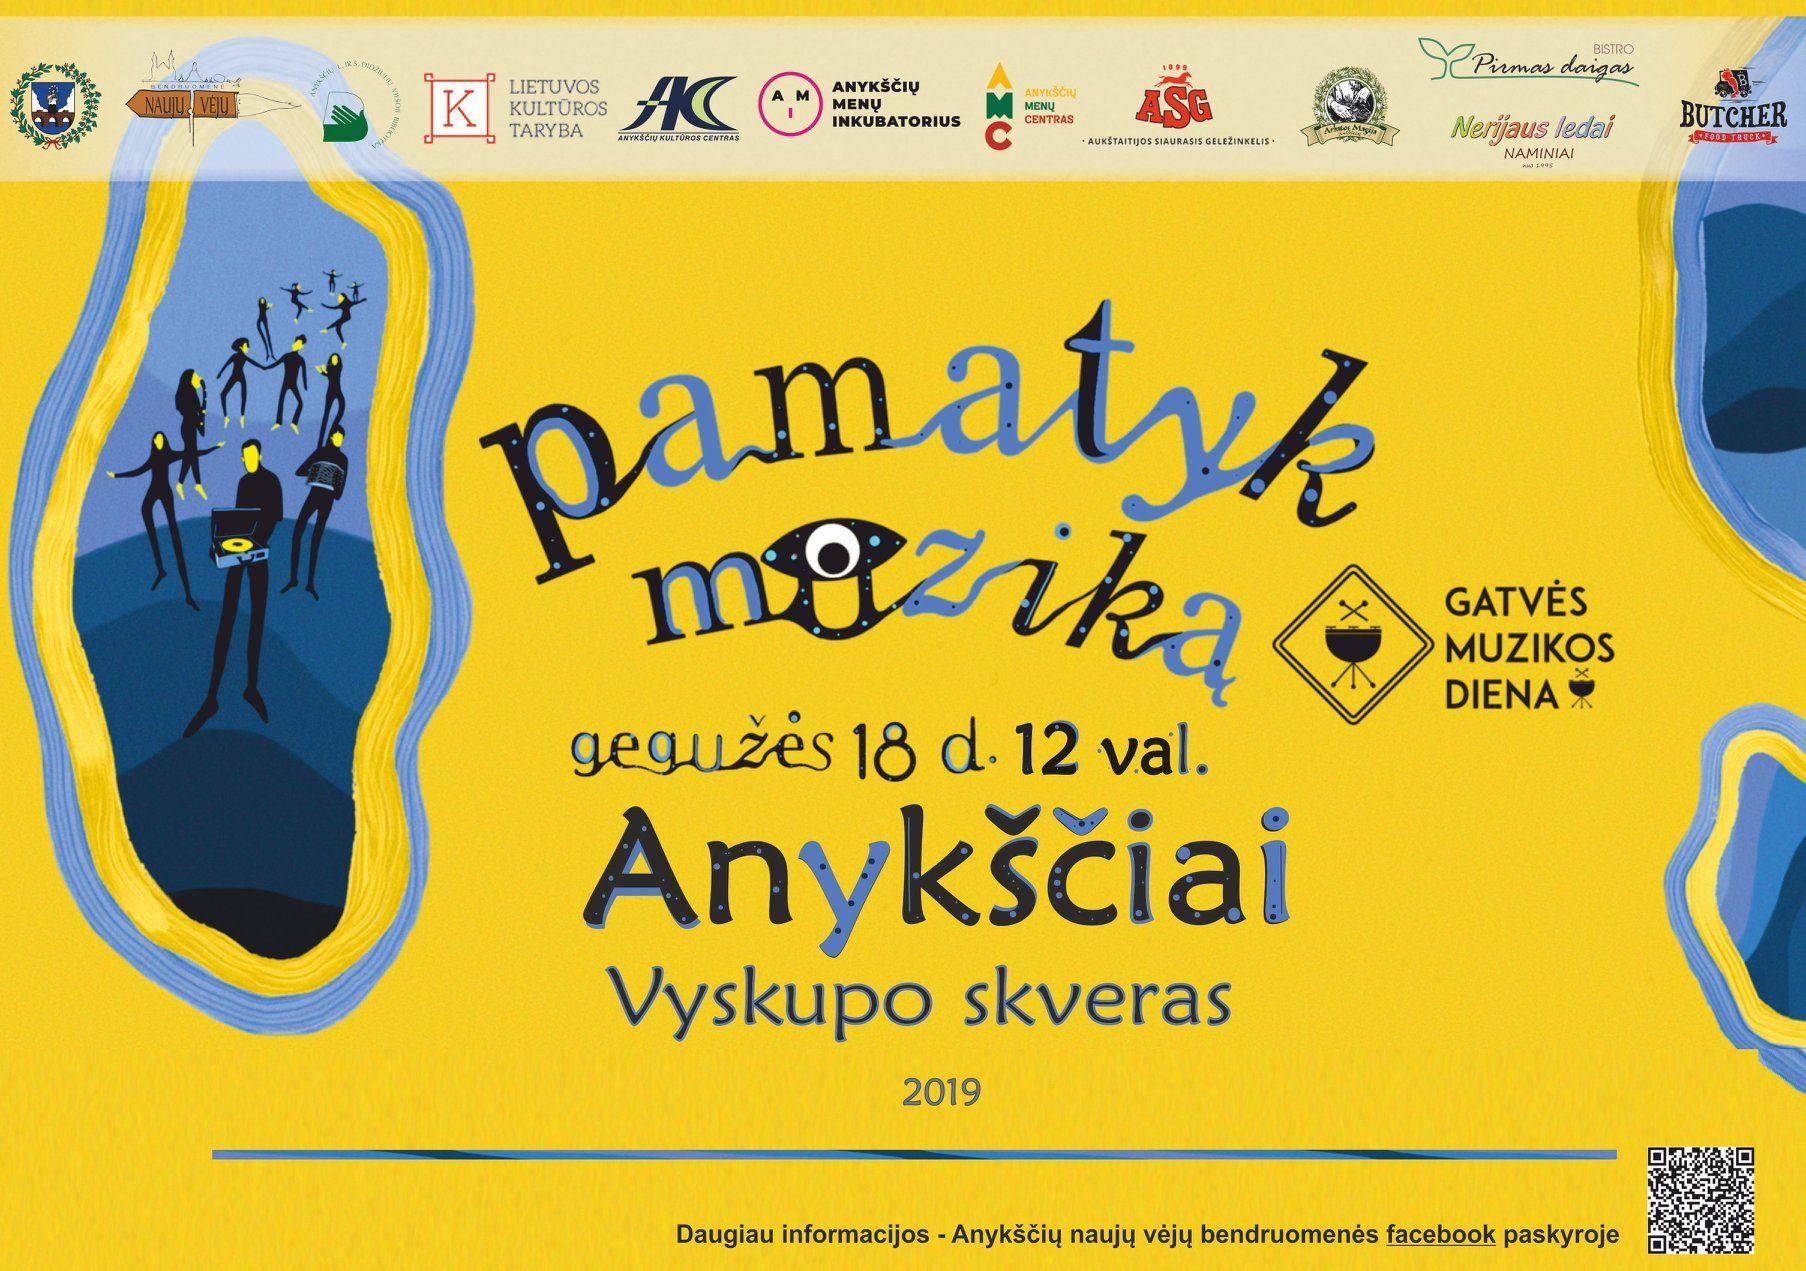 Gatvės muzikos diena Anykščiuose (2019) / Pamatyk muziką